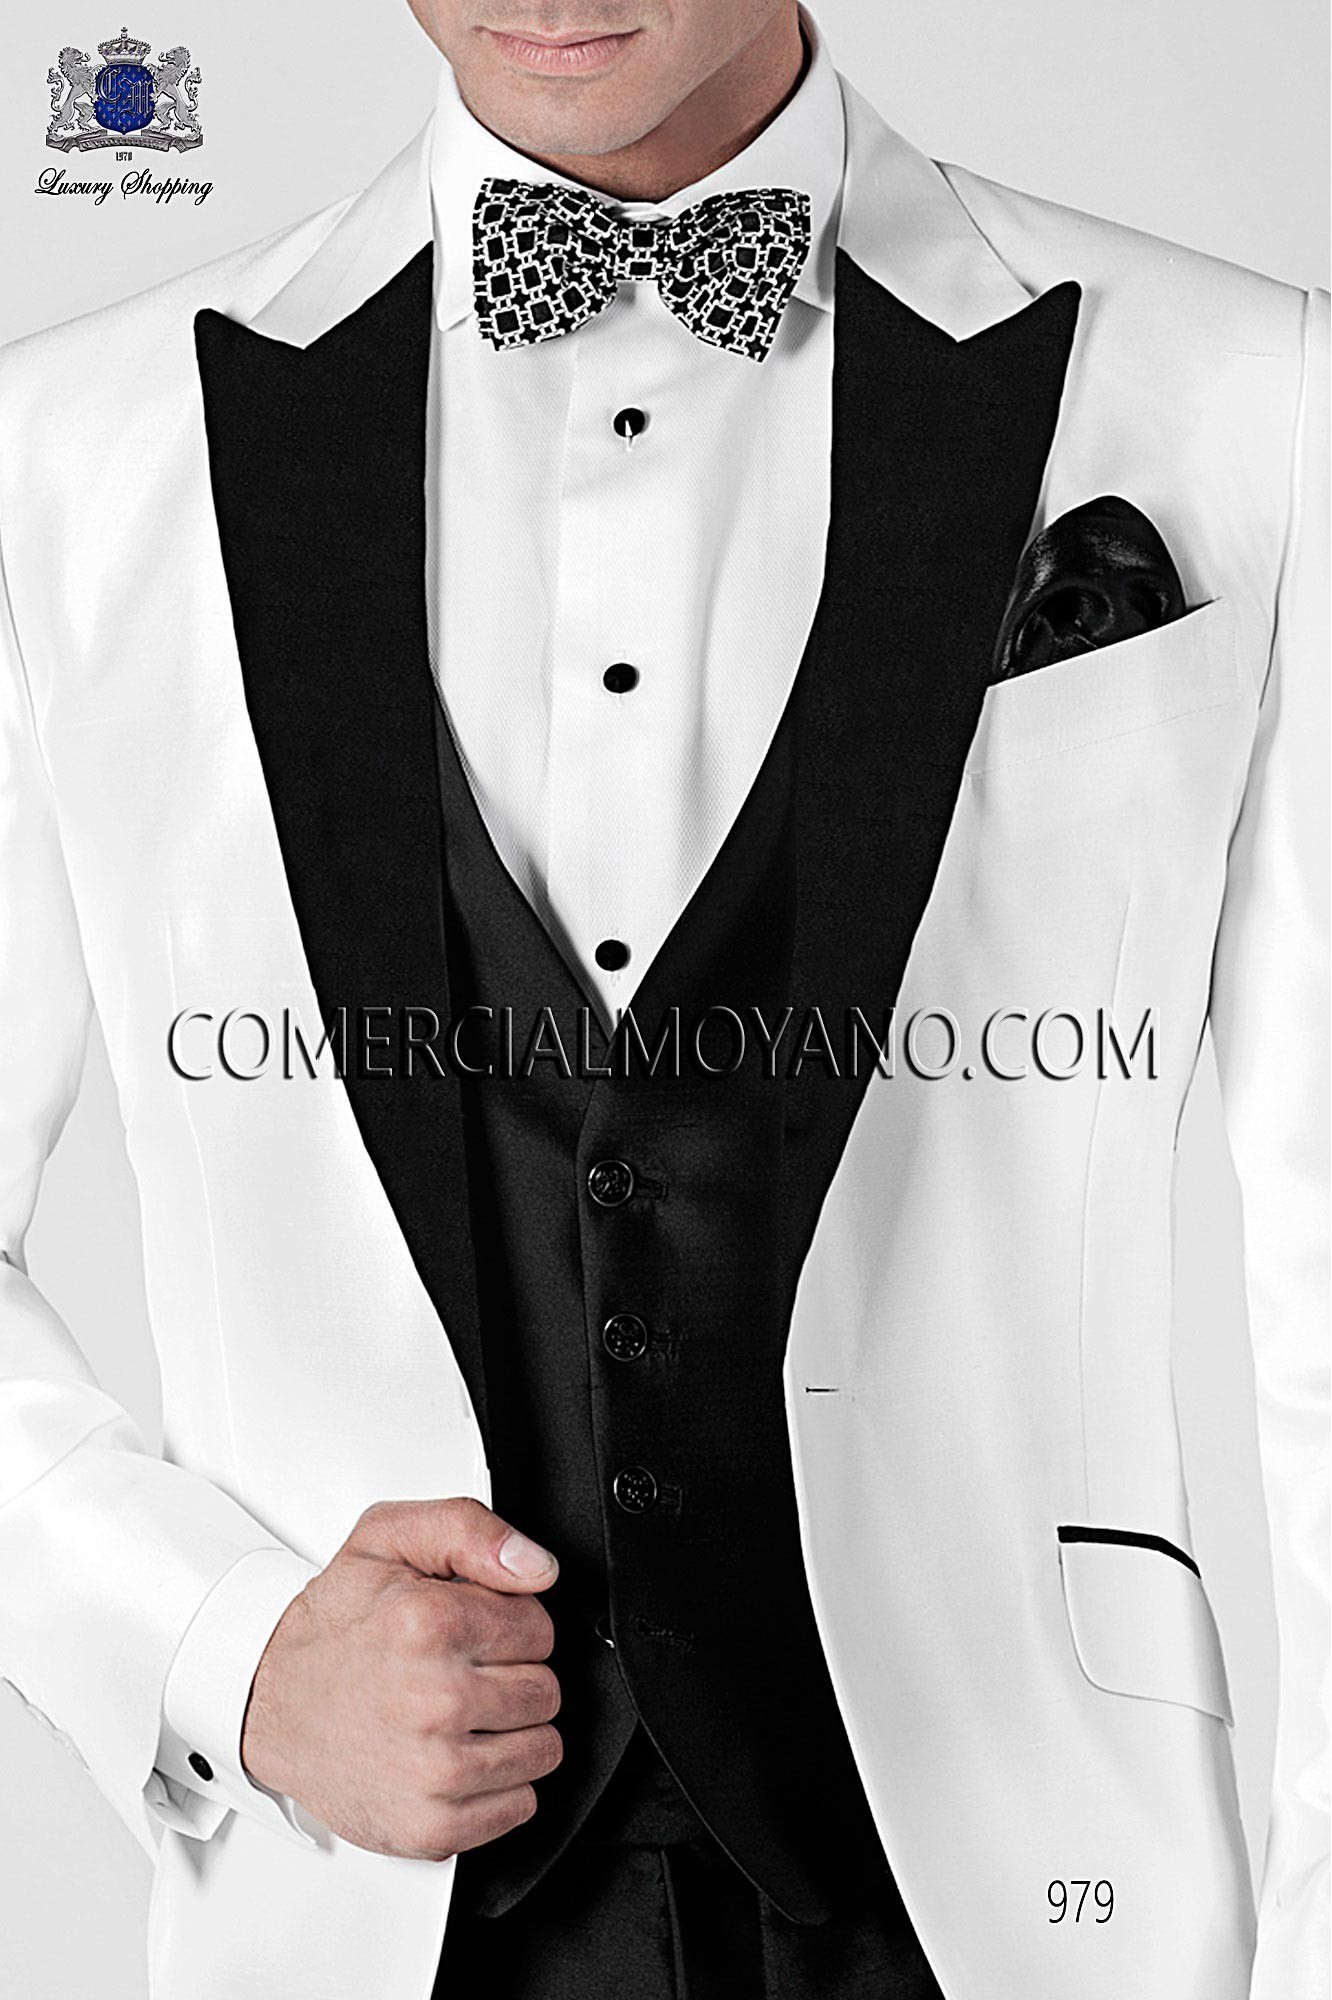 Traje BlackTie de novio blanco modelo: 979 Ottavio Nuccio Gala colección Black Tie